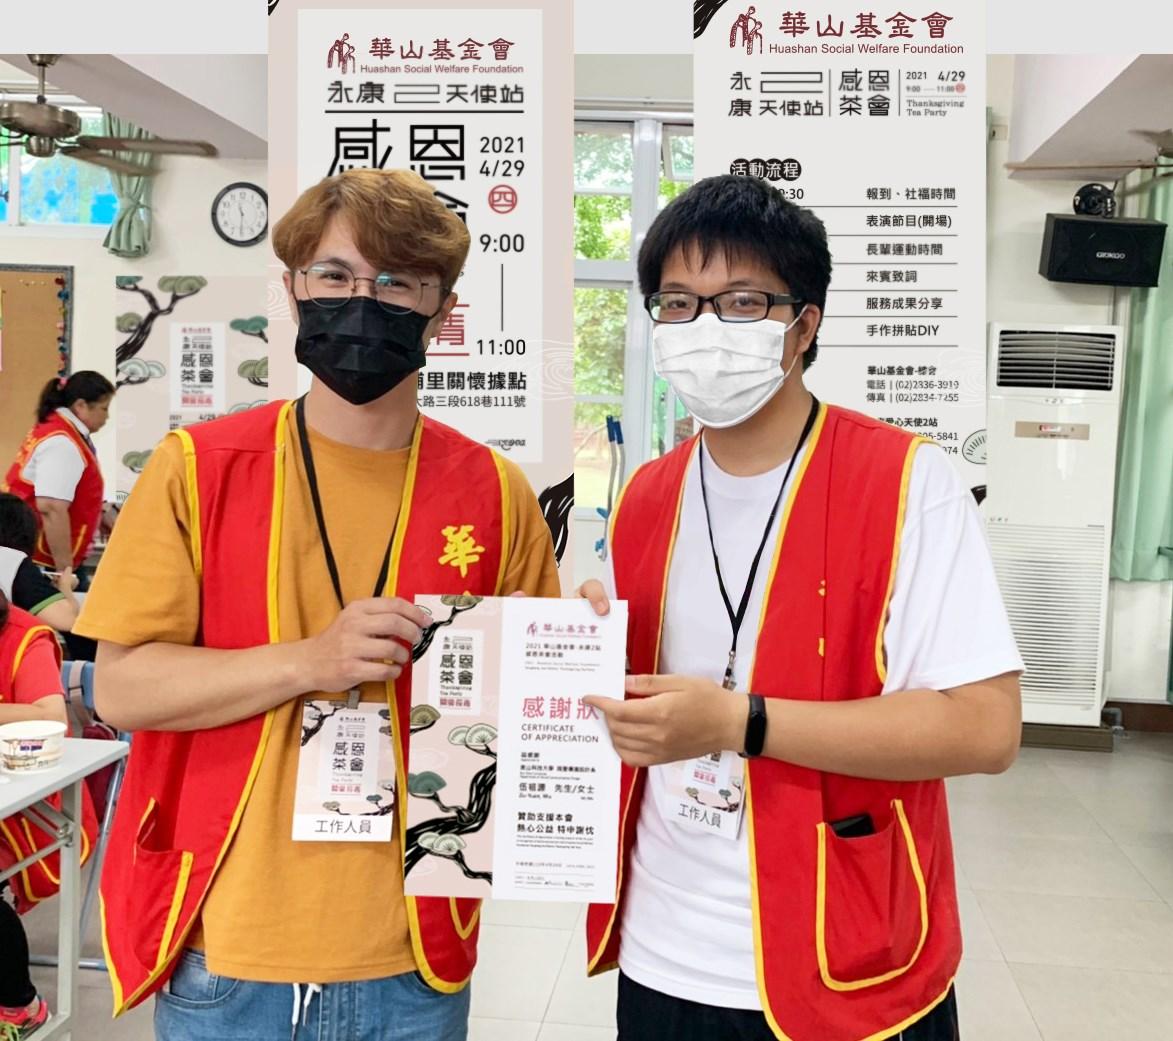 05.華山基金會人員授予感謝狀給視傳策劃團隊執行長伍祖源(右)